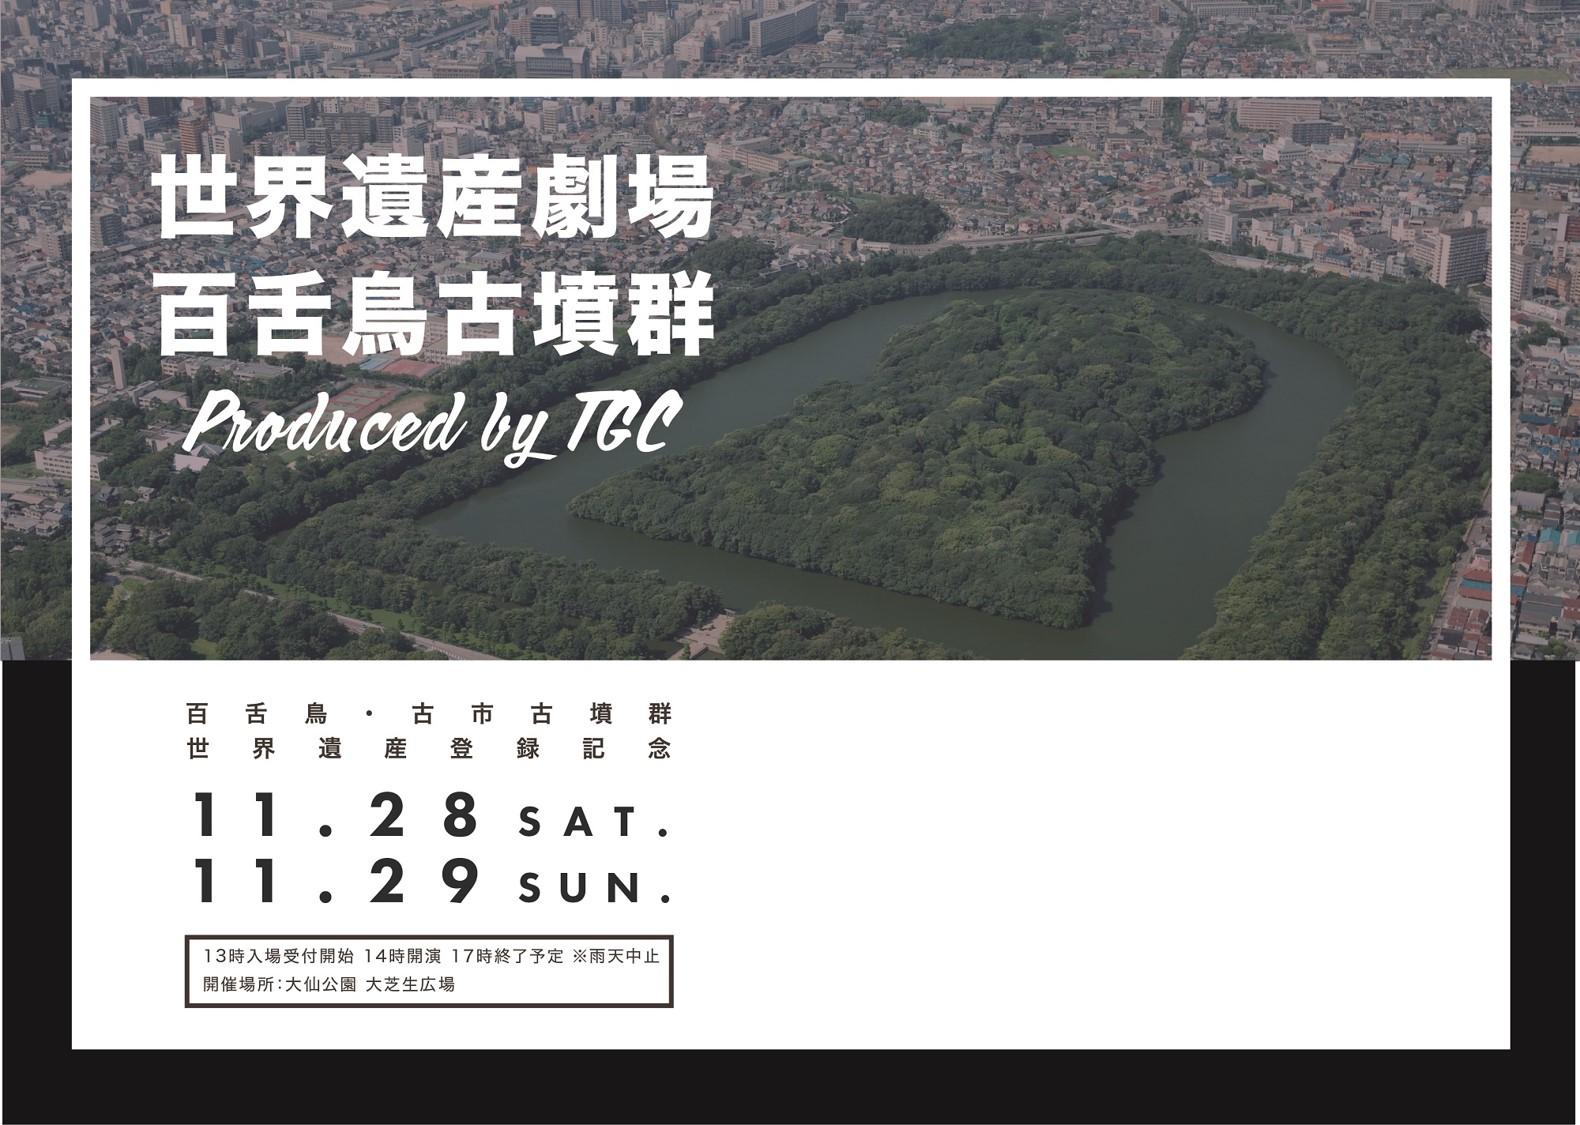 堺市で11月28、29日に「世界遺産劇場」を開催 東京ガールズコレクションがプロデュース